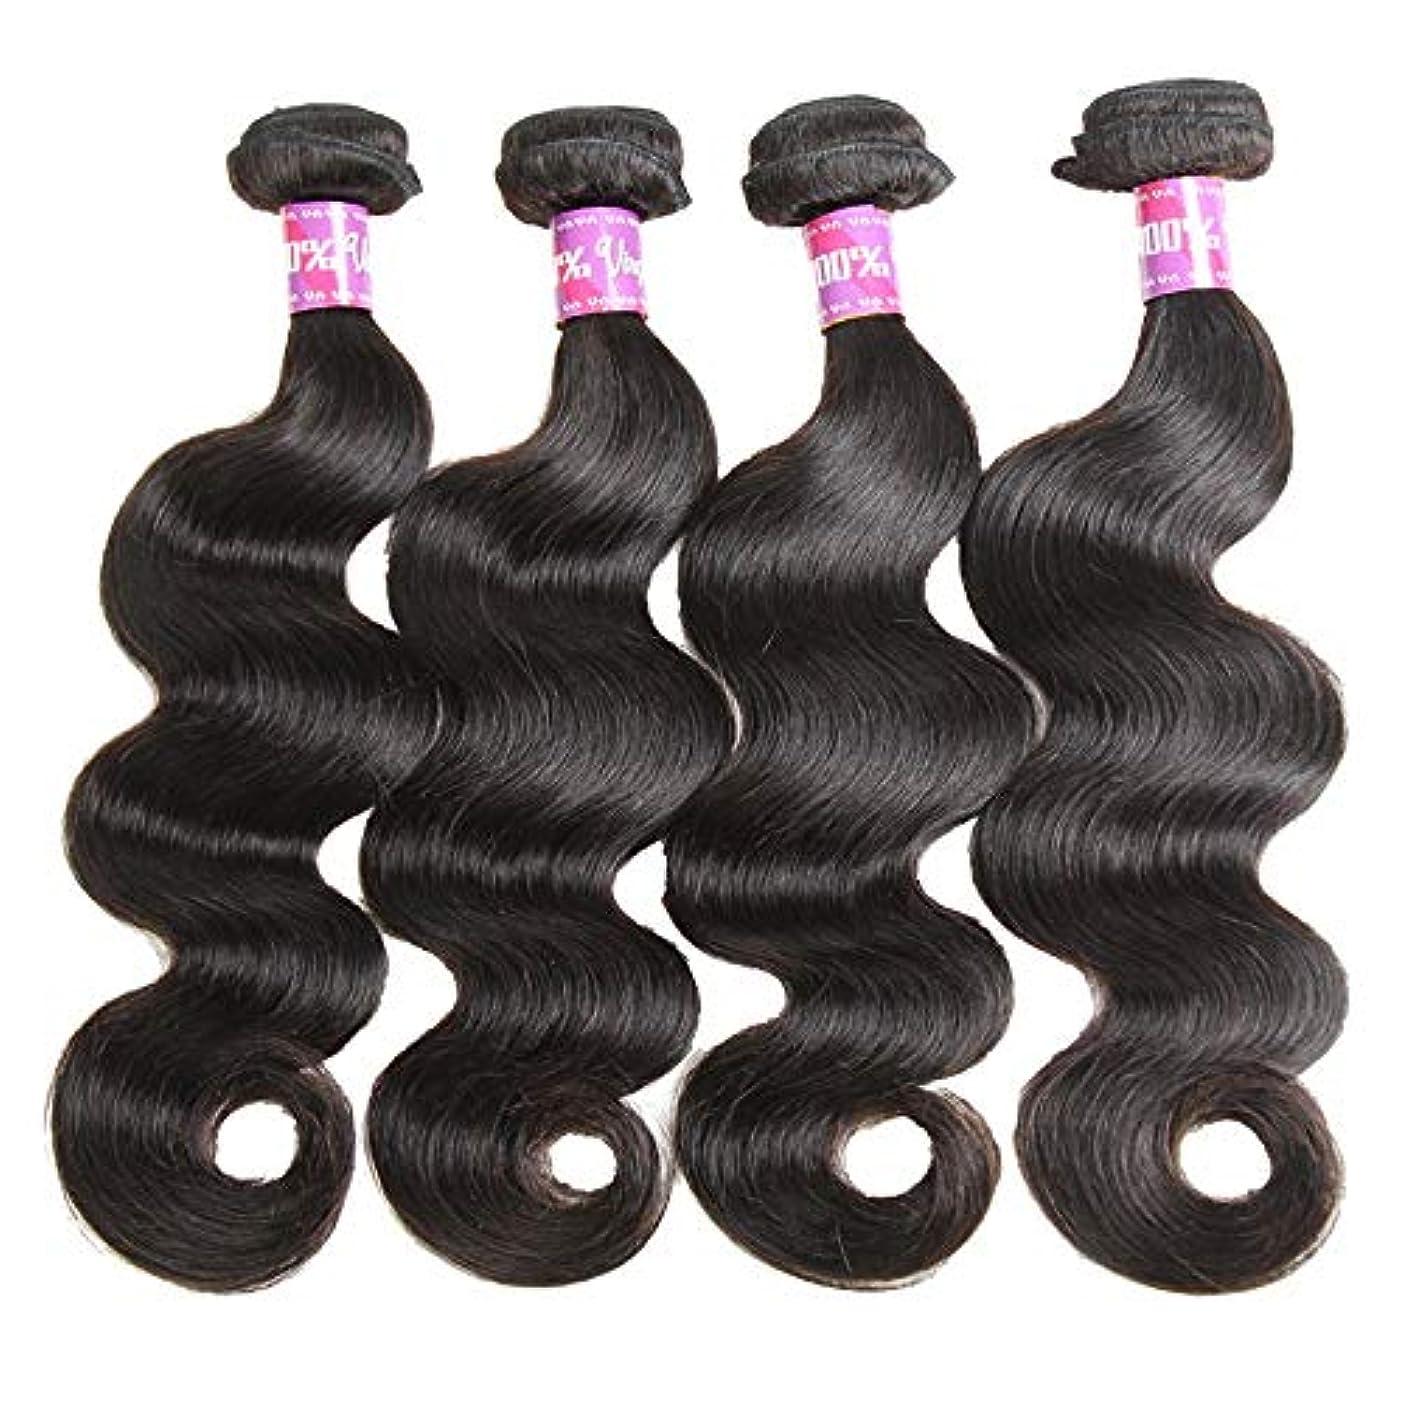 システム生まれしてはいけませんSRY-Wigファッション ヨーロッパとアメリカ黒人女性のための人間の髪の毛のかつら自然色 (Color : ブラック, Size : 24inch)